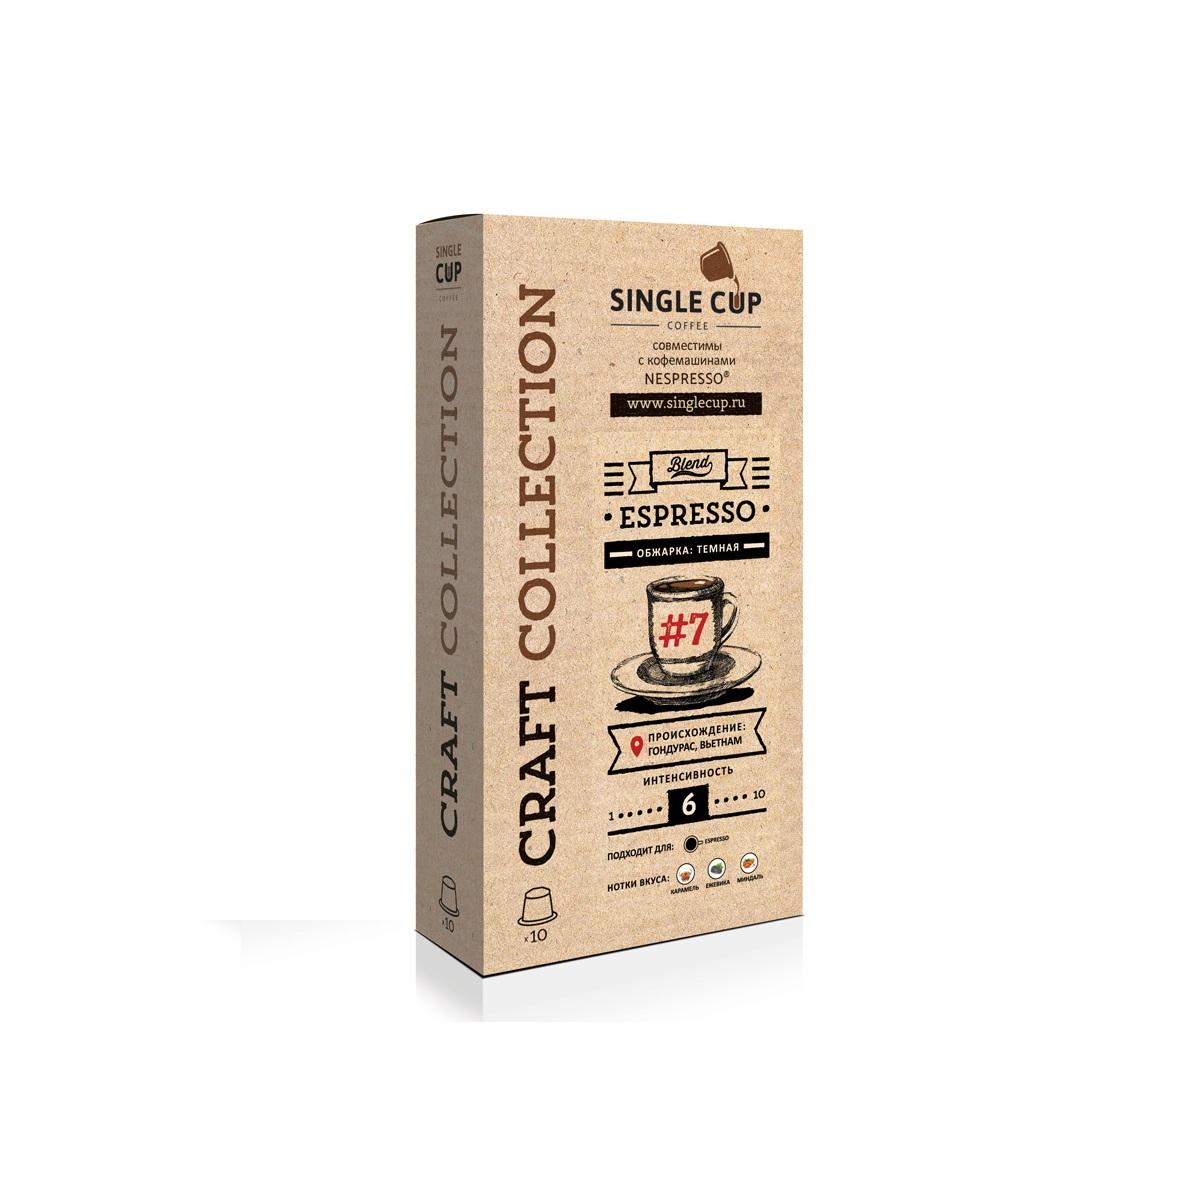 Кофе в капсулах Single Cup Coffee Espresso №7, 55 г00-00000206Новый крафтовый сорт! Смесь темной обжарки двух арабик с разных концов света. Сорт Гондурас Сан Маркос мытой обработки придает напитку выраженную насыщенность и баланс. А Вьетнамская арабика из провинции Далат дополняет напиток необходимым набором вкусовых оттенков, благодаря уникальным географическим условиям произрастания кофейного дерева разновидности Катимор.